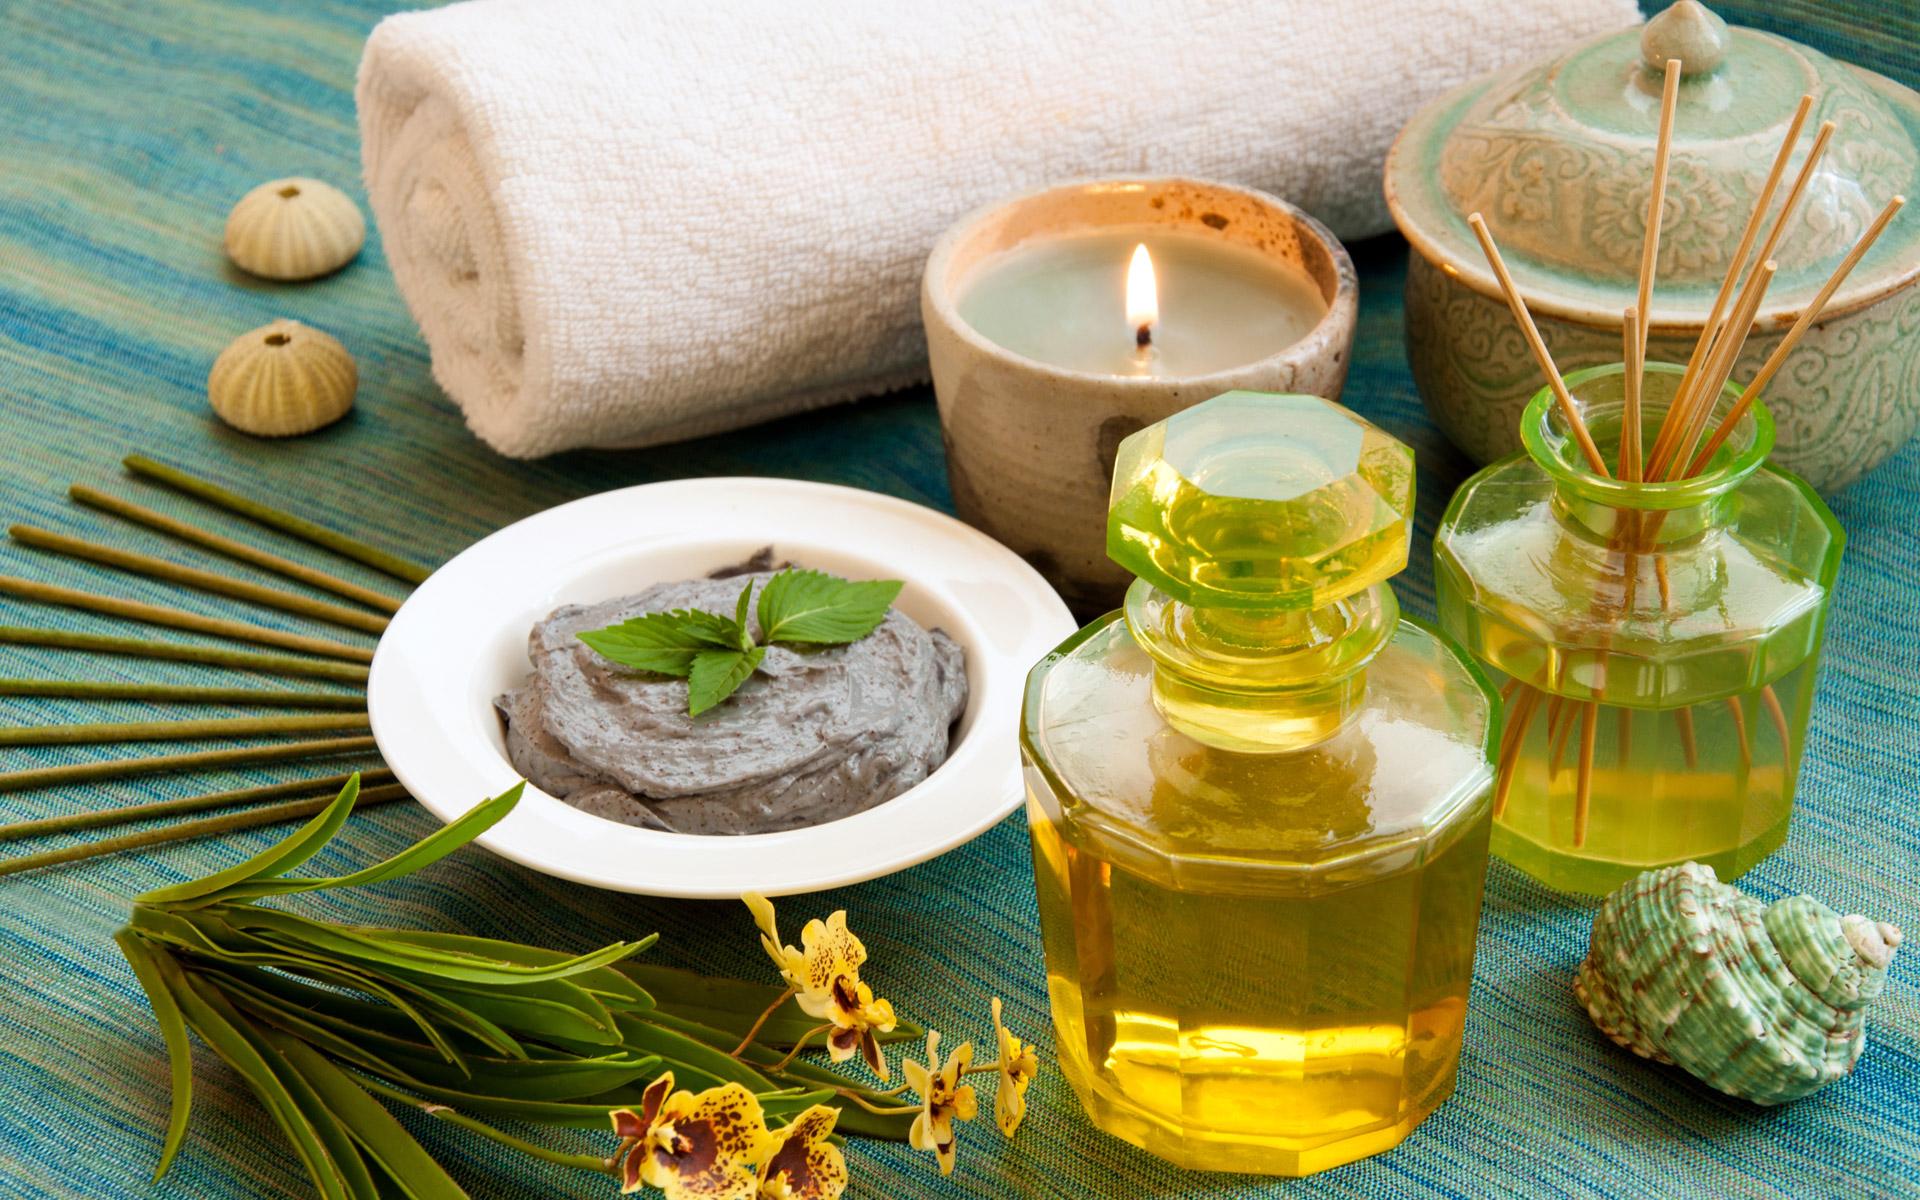 О пользе ароматерапии и правилах использования эфирных масел